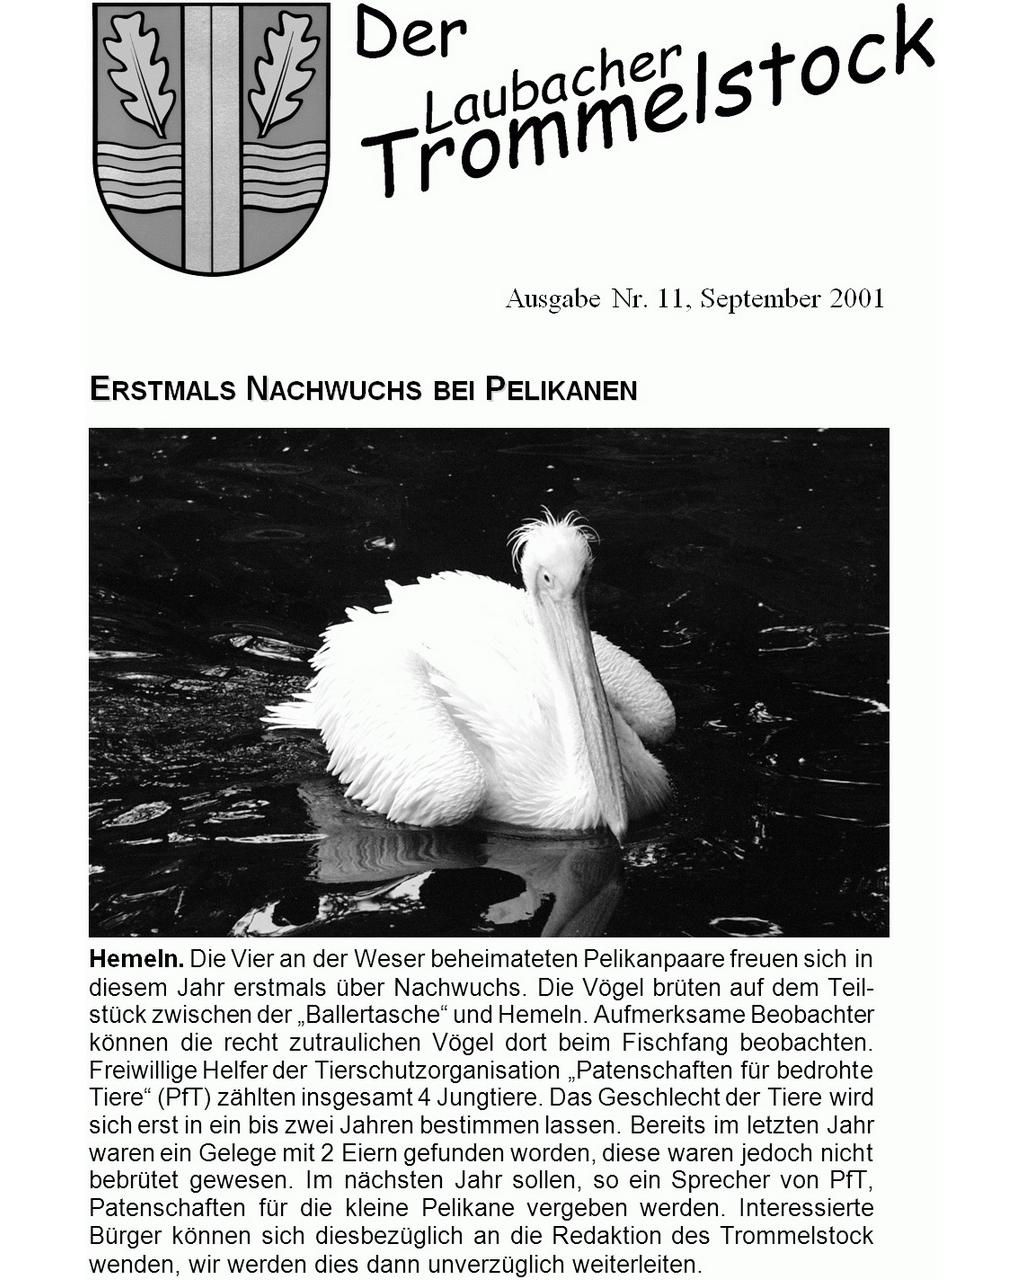 Laubacher-Trommelstock-Titelseite-011